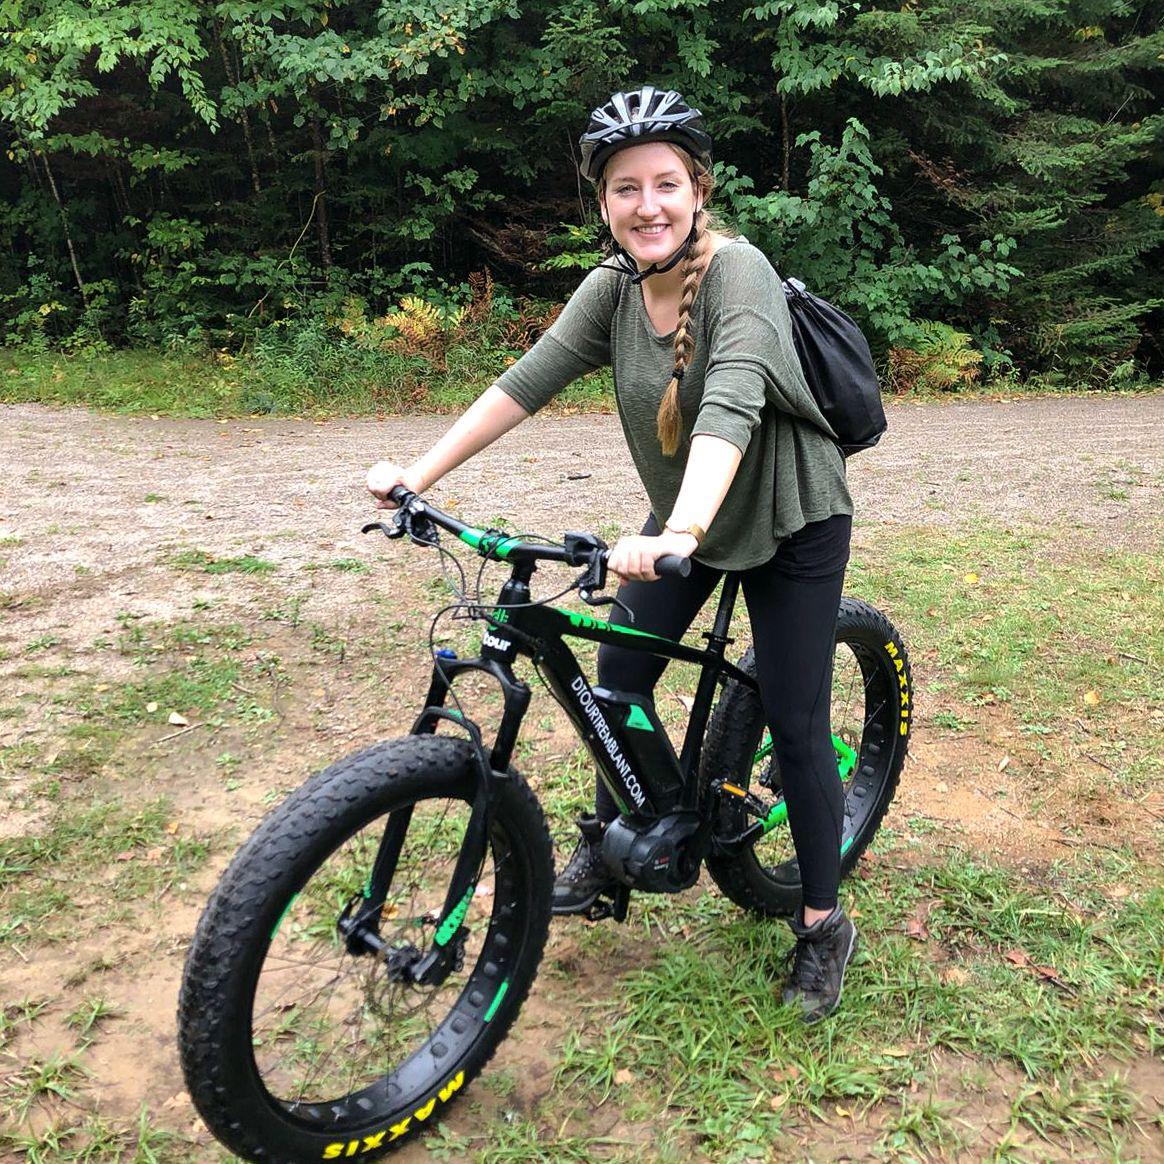 CANUSA Mitarbeiterin Melanie Schubert auf dem e-Fatbike in Mont-Tremblant, Québec